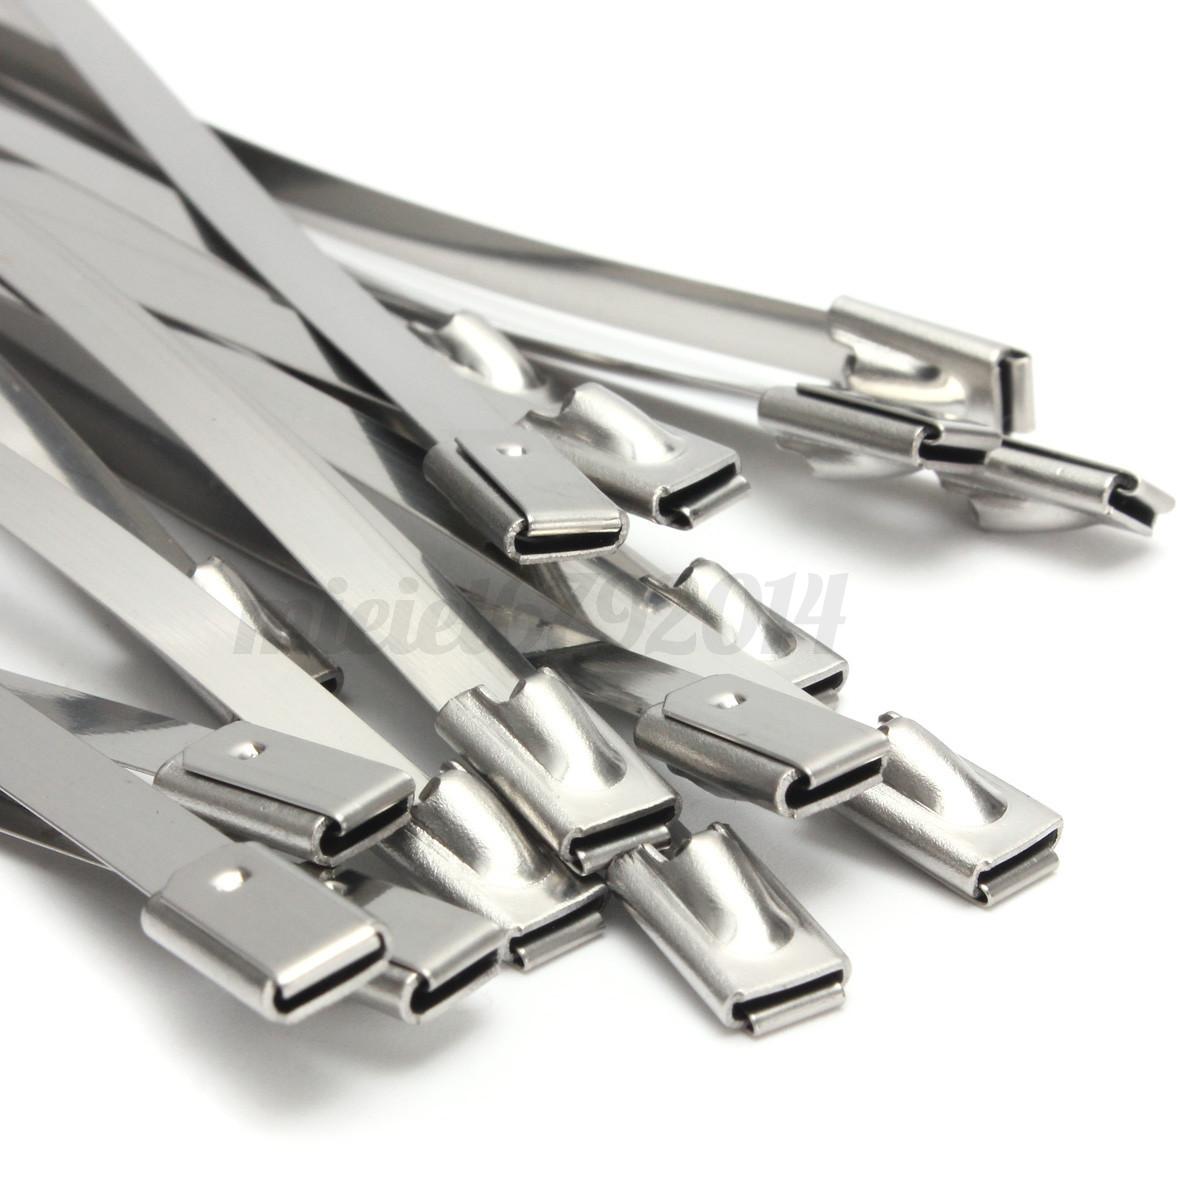 10 100pcs Strong Stainless Steel Grade Metal Self Locking